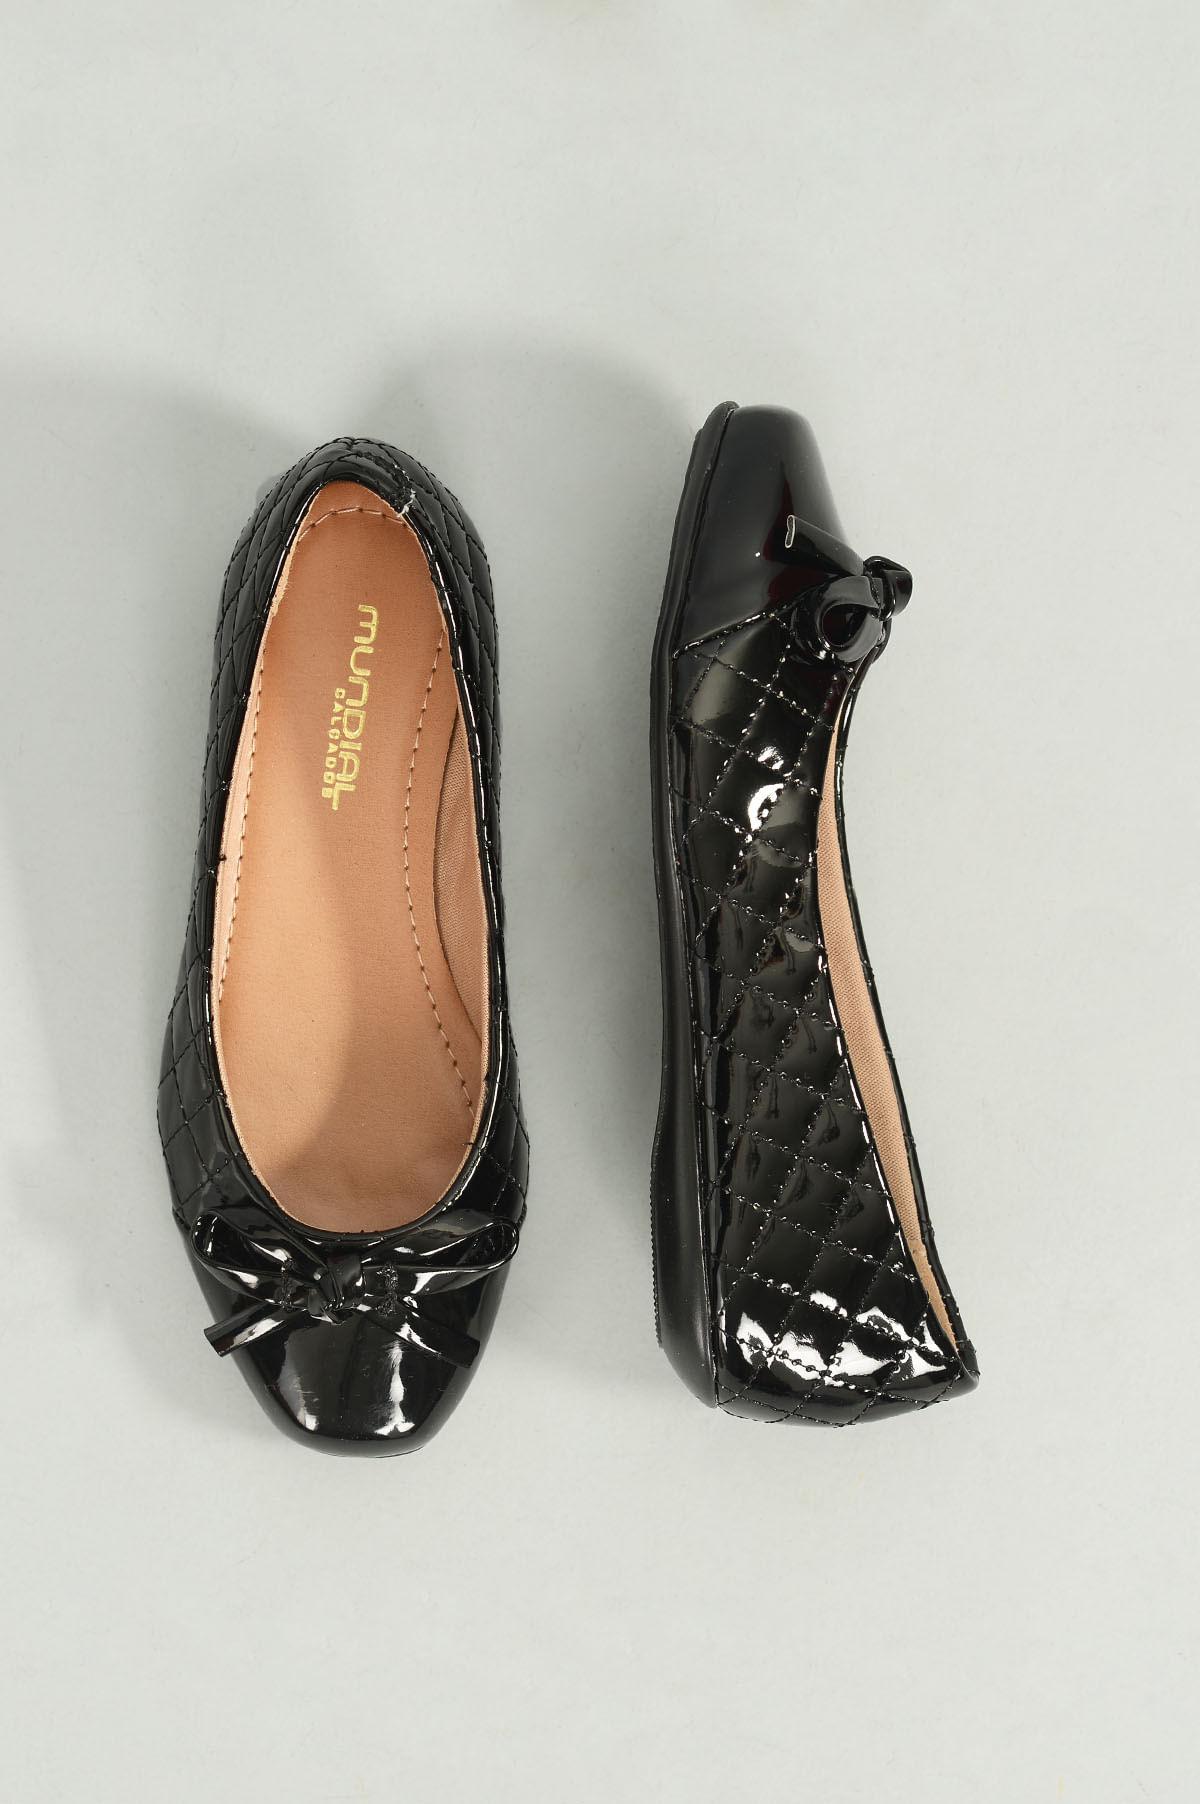 e4f7ab06c0 Sapatilha Infantil Mariele Mundial VERNIZ PRETO - Mundial Calçados